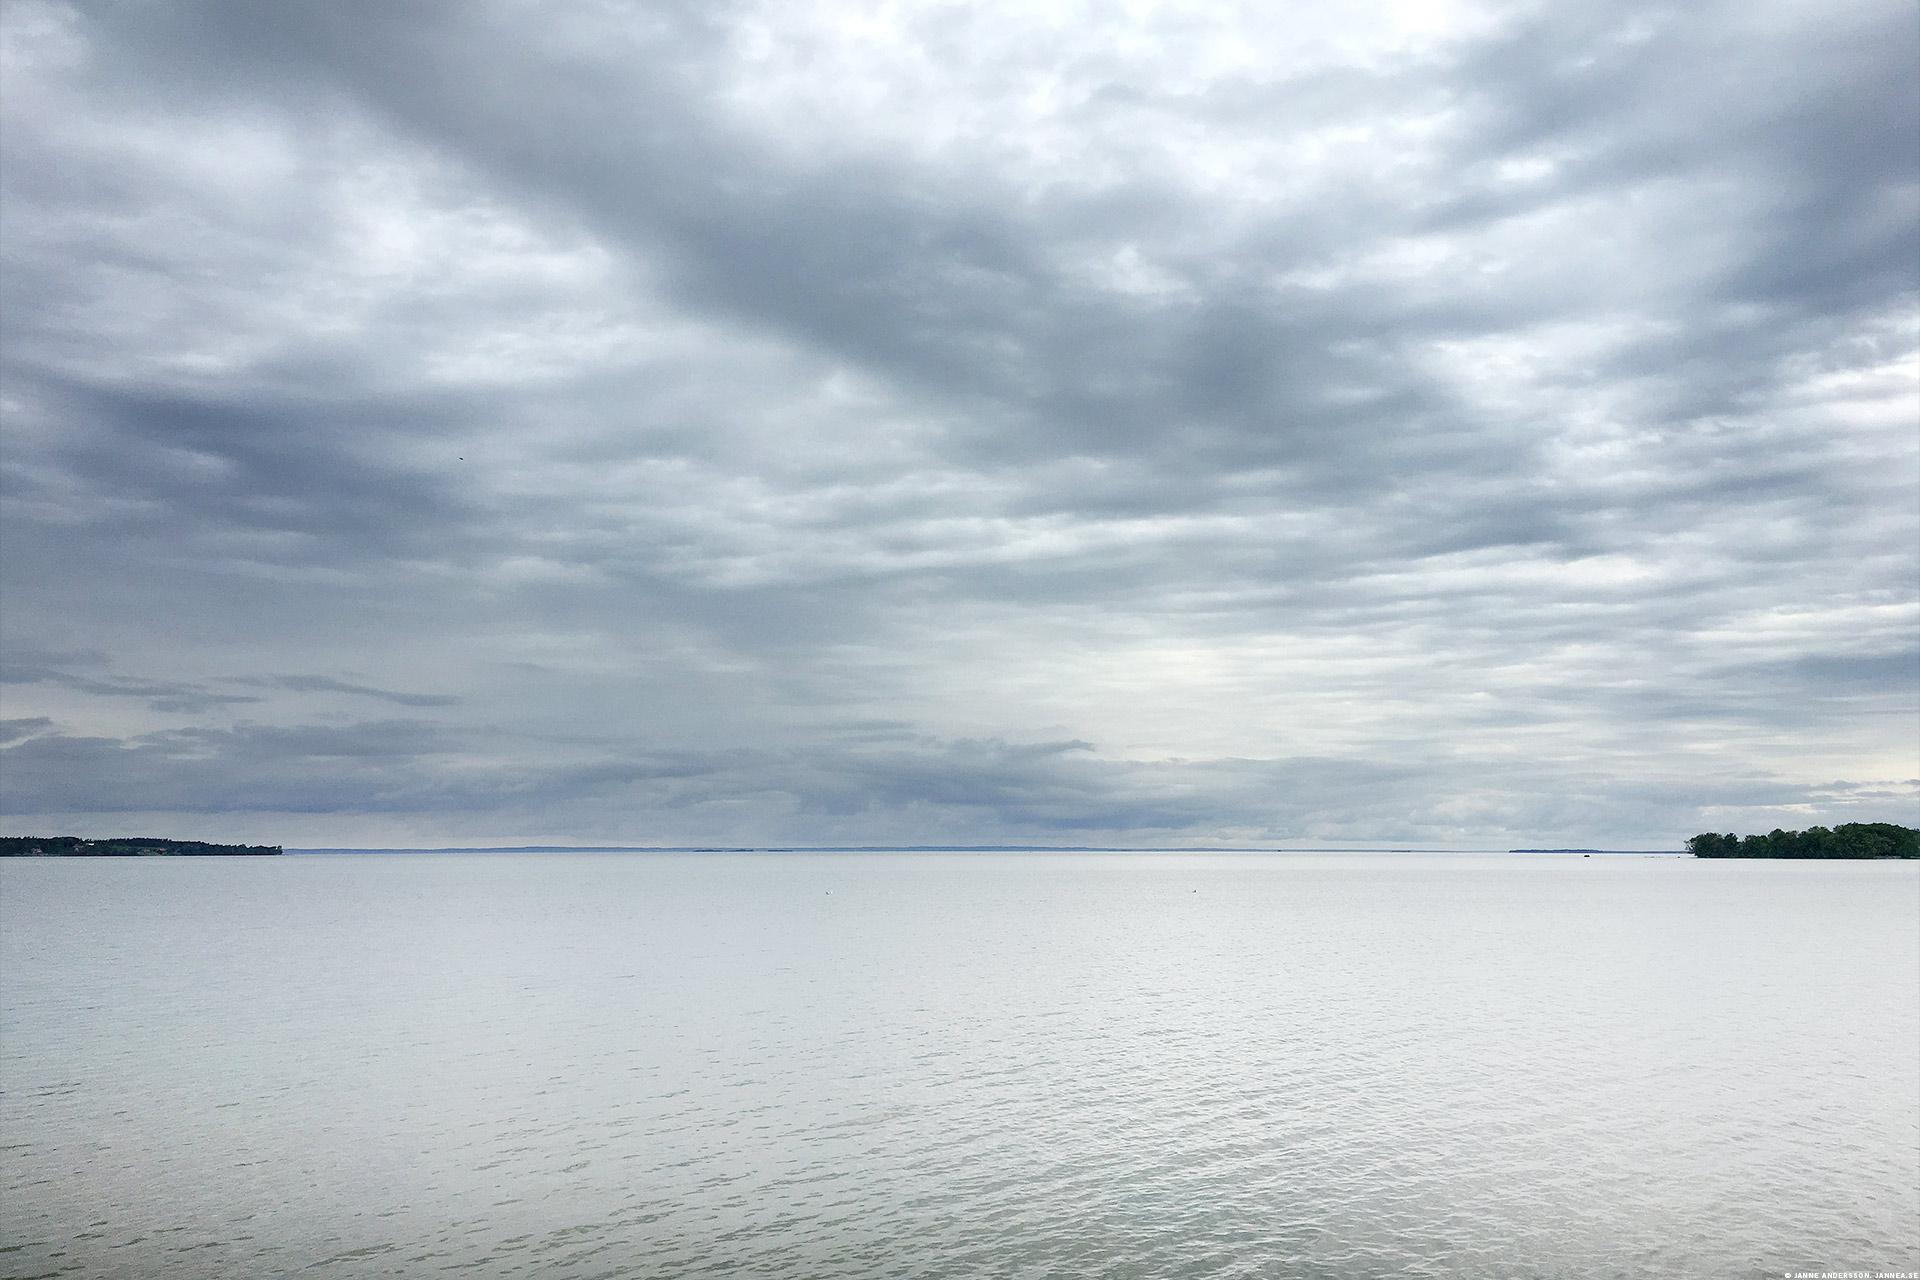 Molniga moln över Vättern |© Janne A